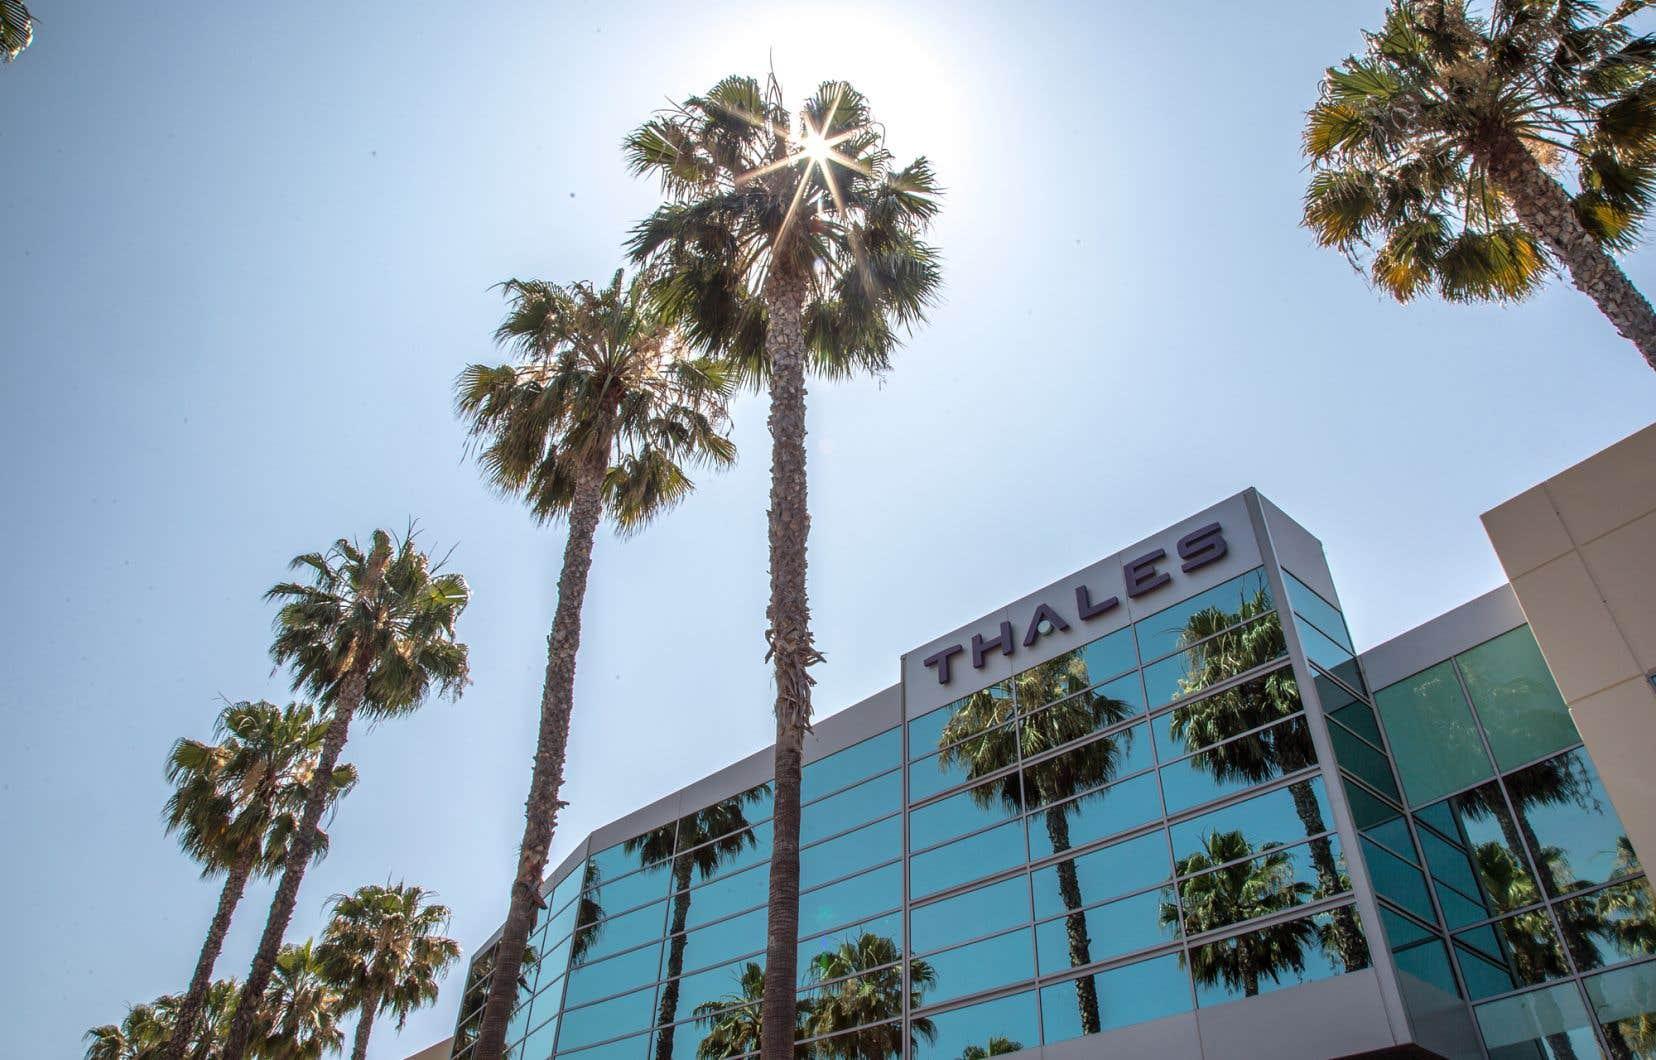 La compagnie emploie 64000 personnes dans ses bureaux à travers le monde, notamment à Irvine en Californie.